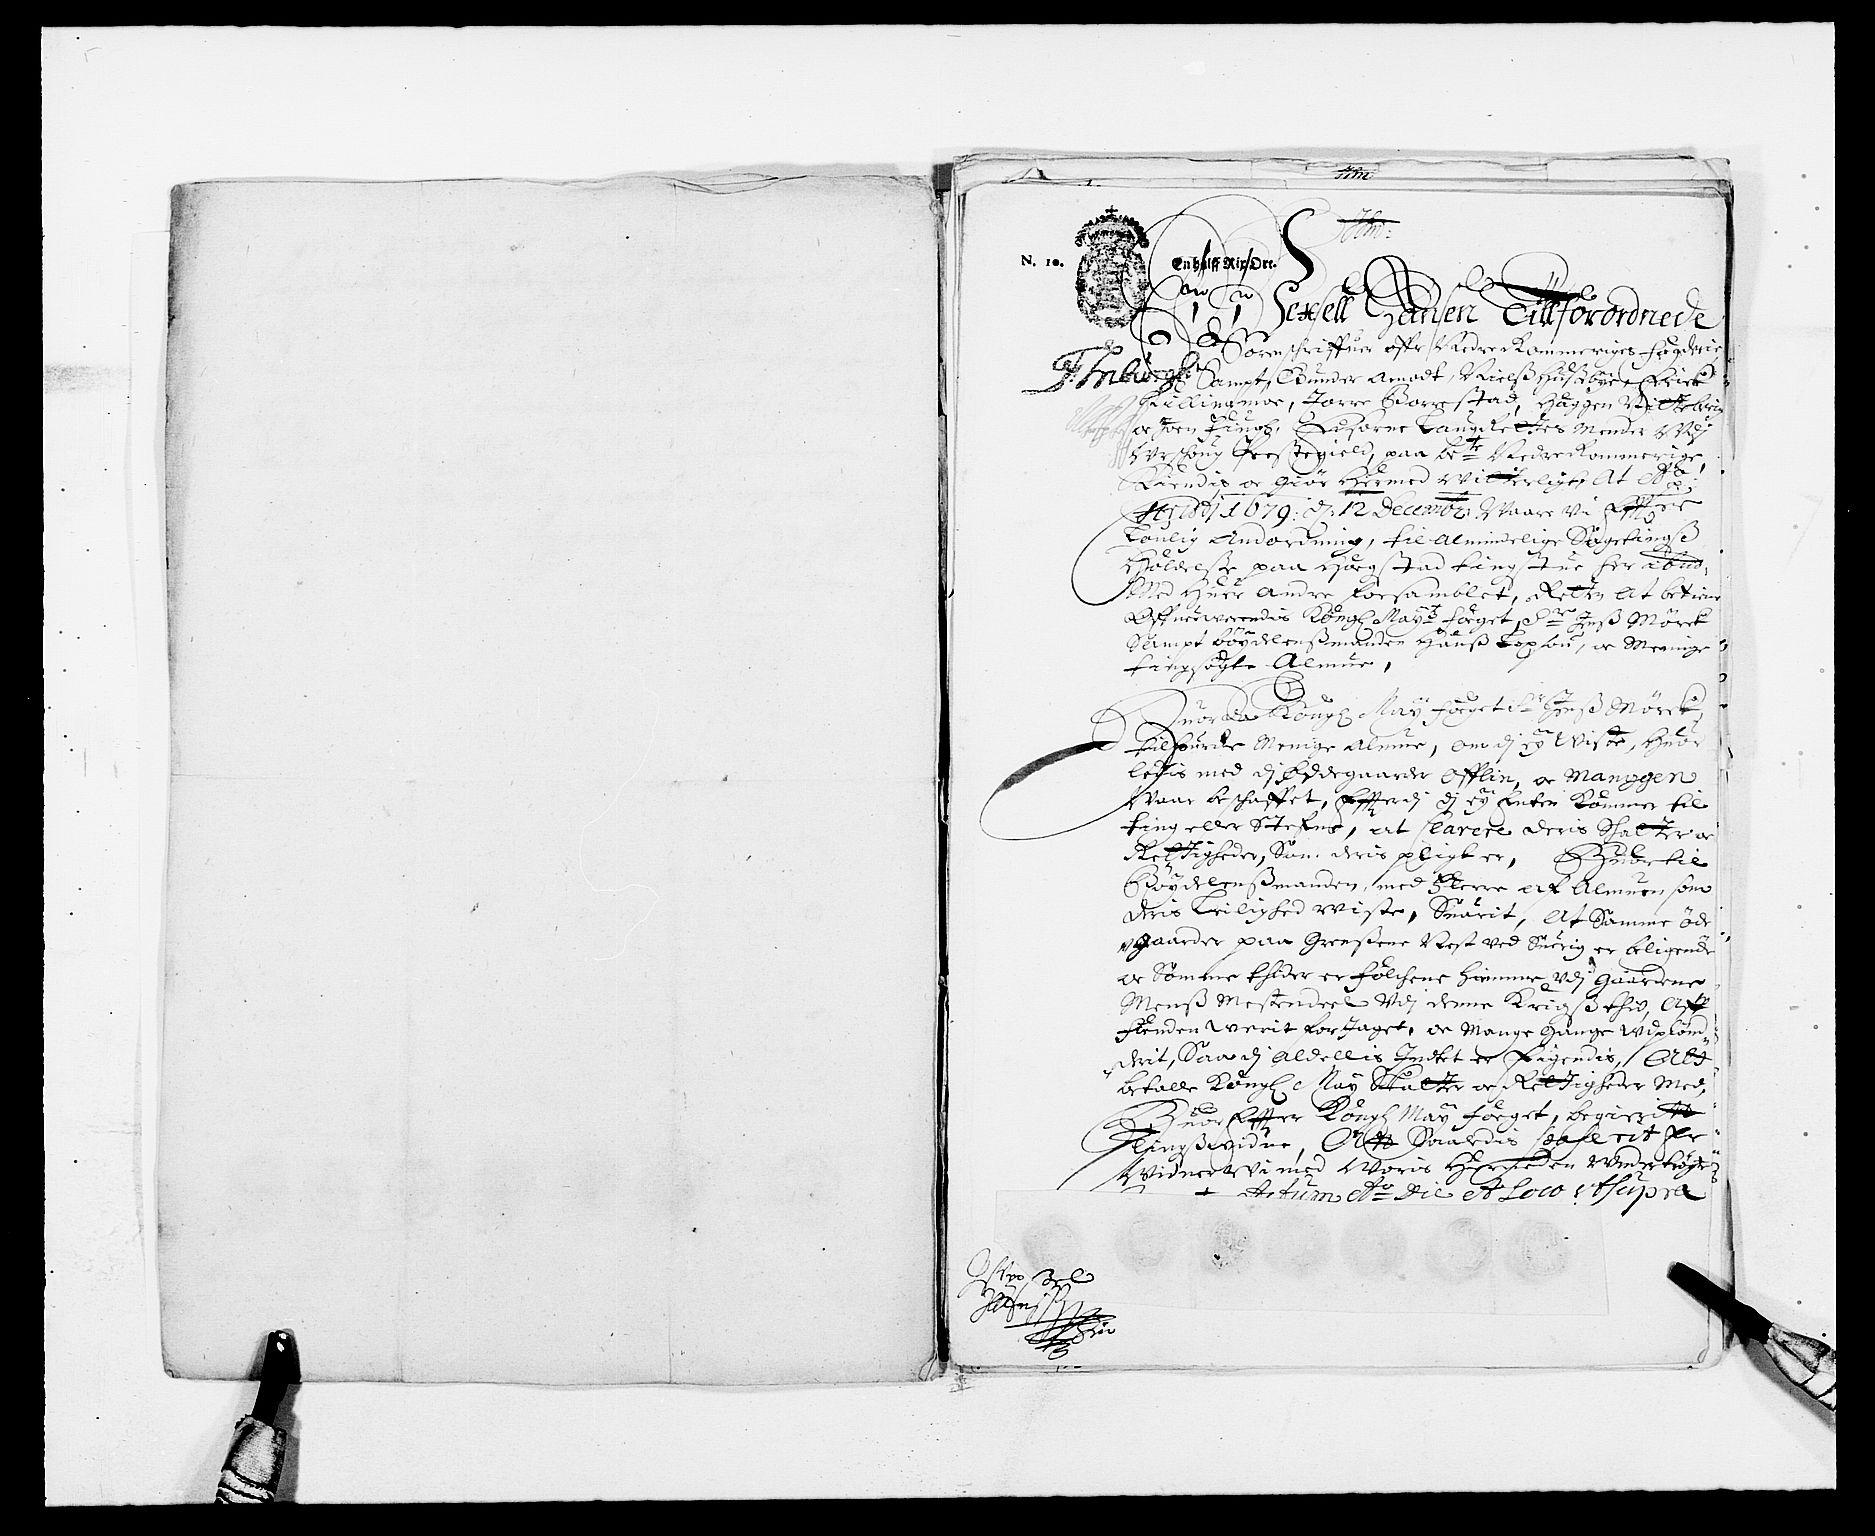 RA, Rentekammeret inntil 1814, Reviderte regnskaper, Fogderegnskap, R11/L0568: Fogderegnskap Nedre Romerike, 1679, s. 271